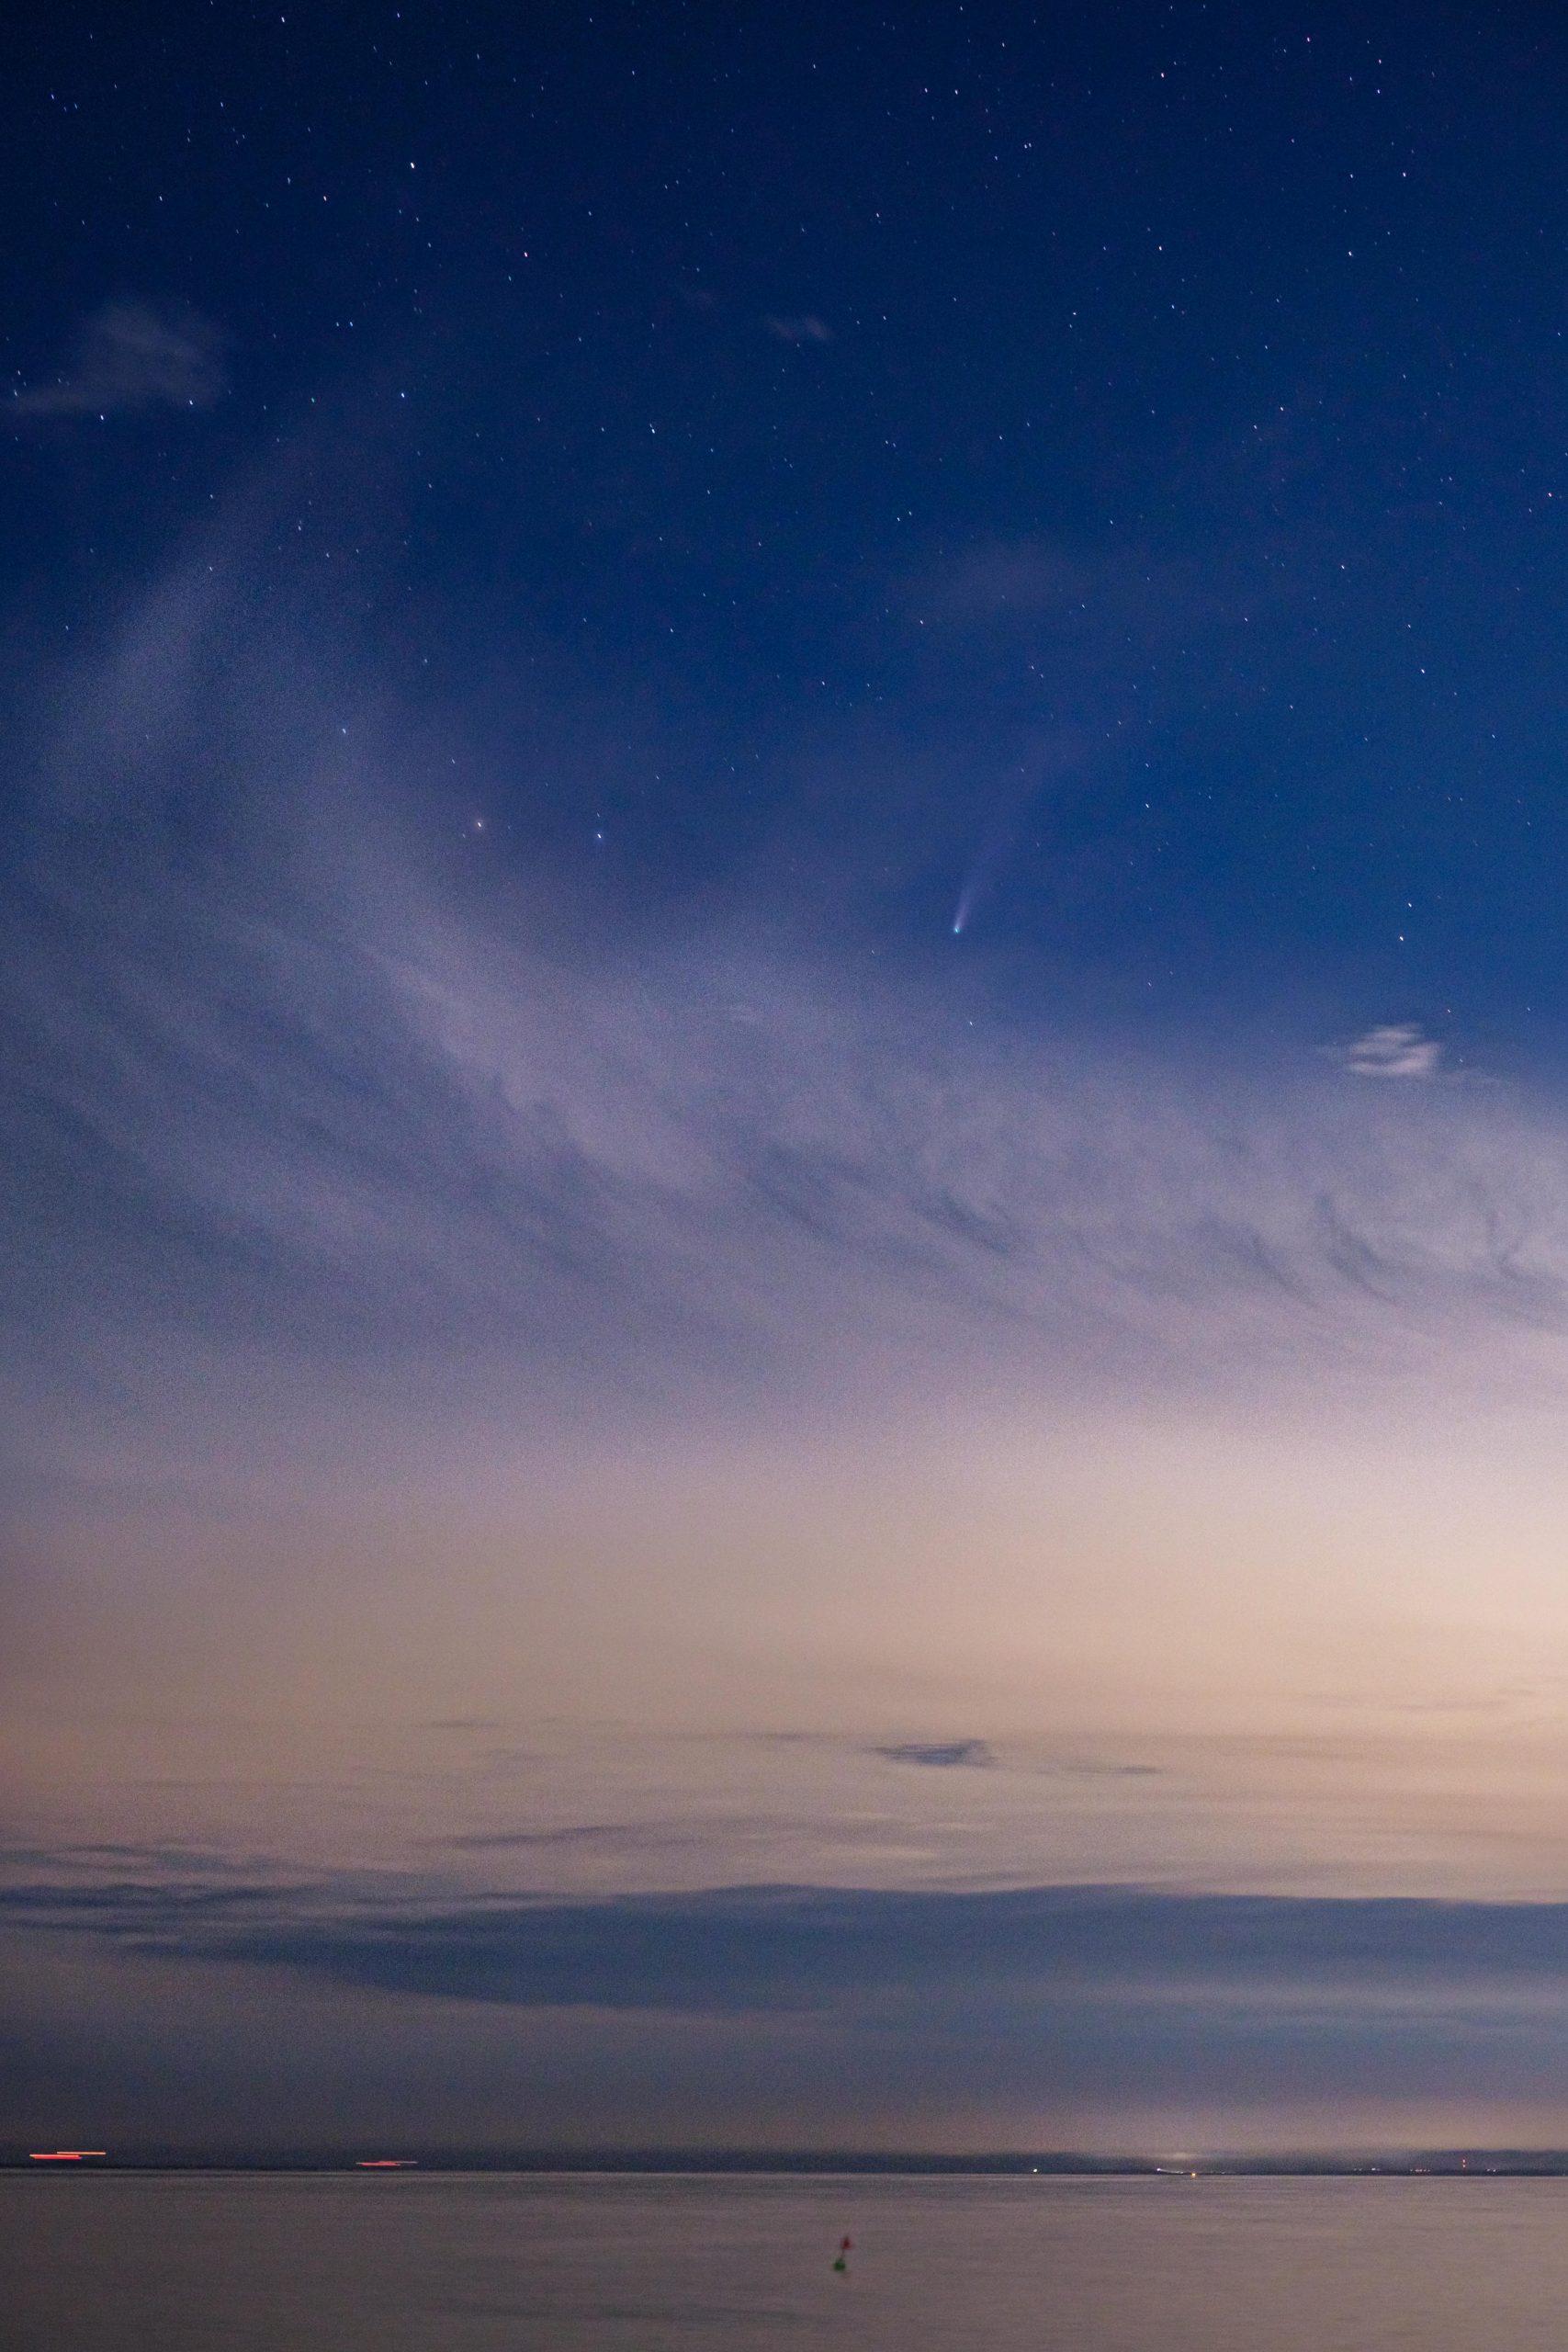 StarScapeを使ってネオワイズ彗星を撮ってみた。